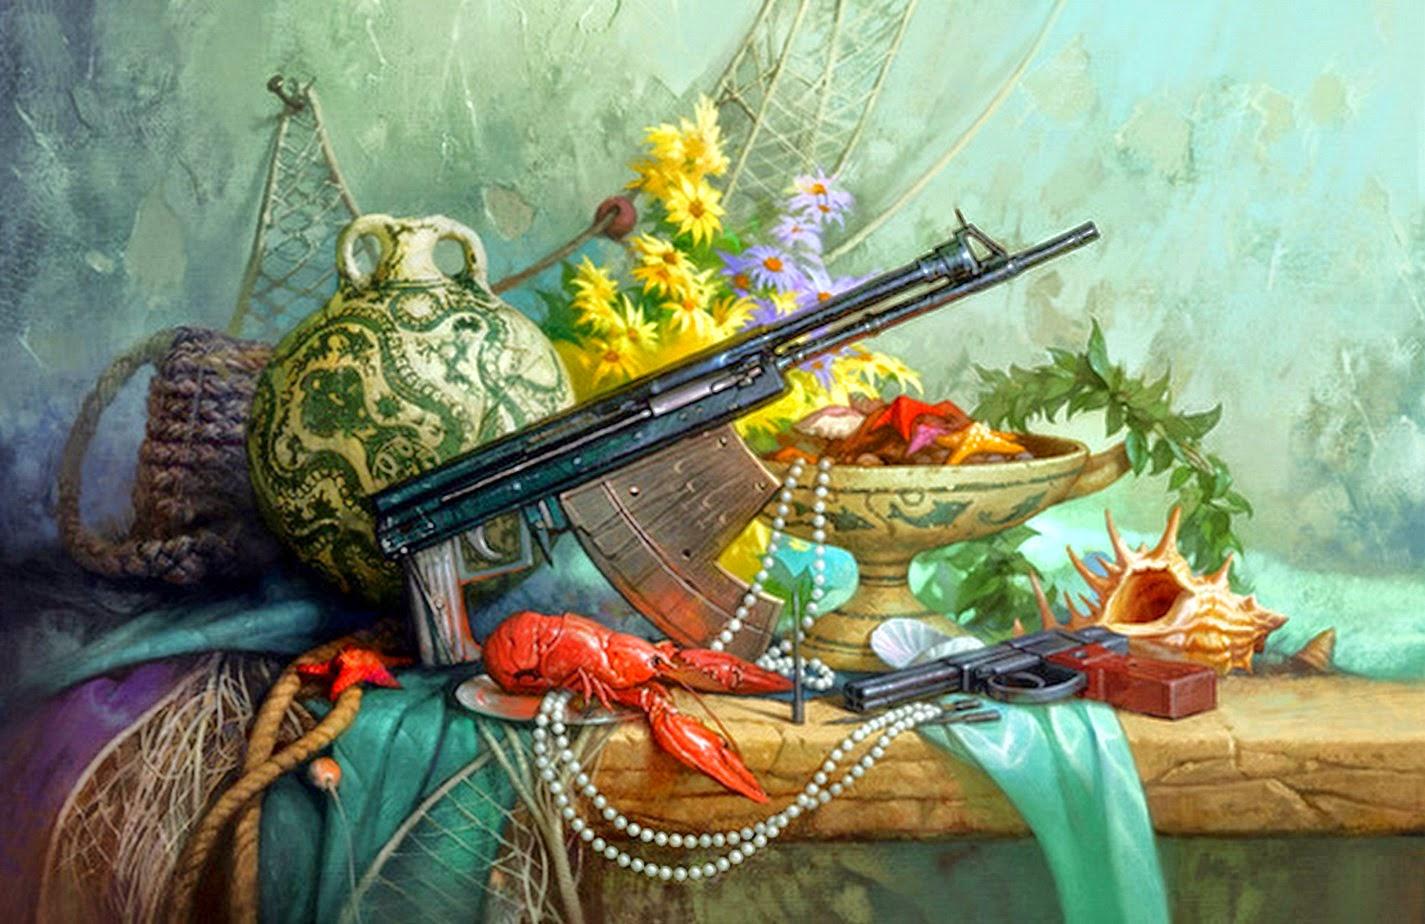 bodegones-vanguardistas-pinturas